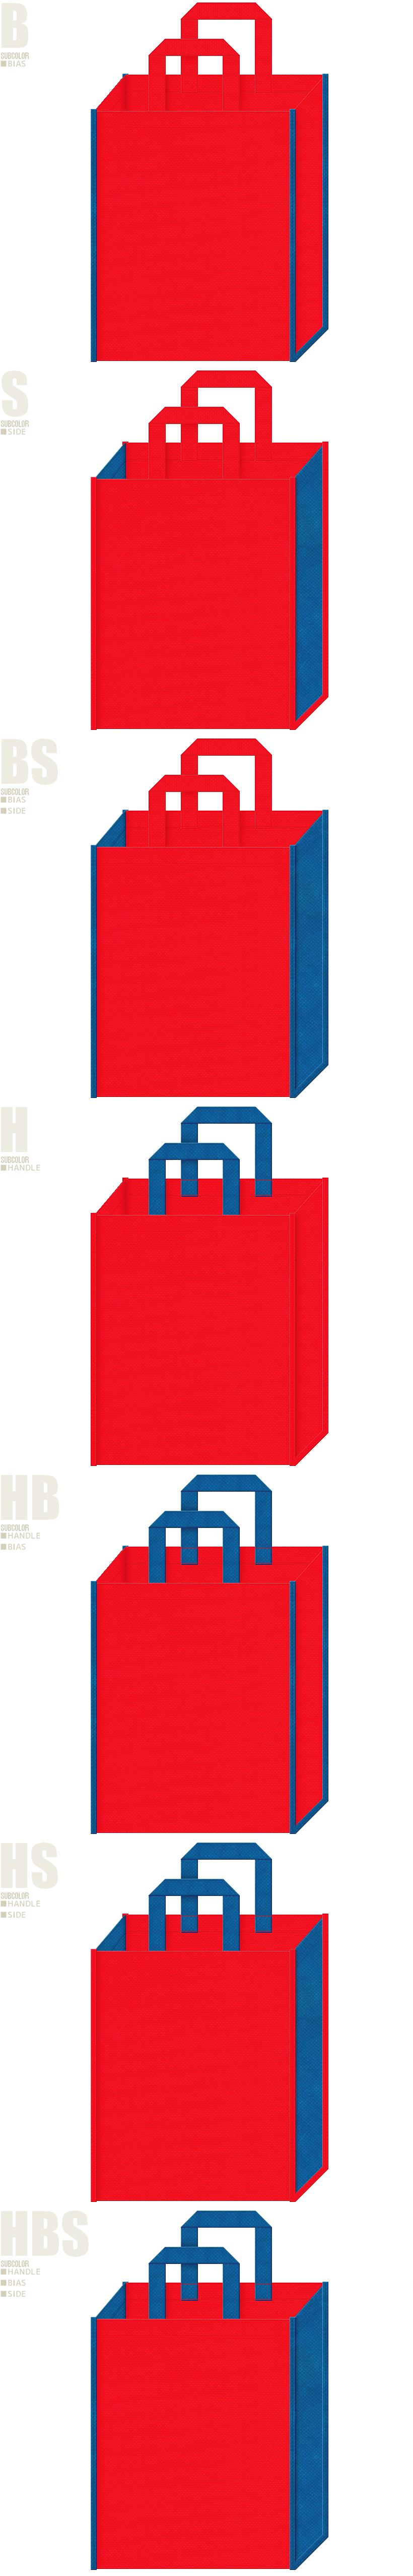 赤色と青色、7パターンの不織布トートバッグ配色デザイン例。アウトドア・スポーツイベントのバッグノベルティにお奨めです。